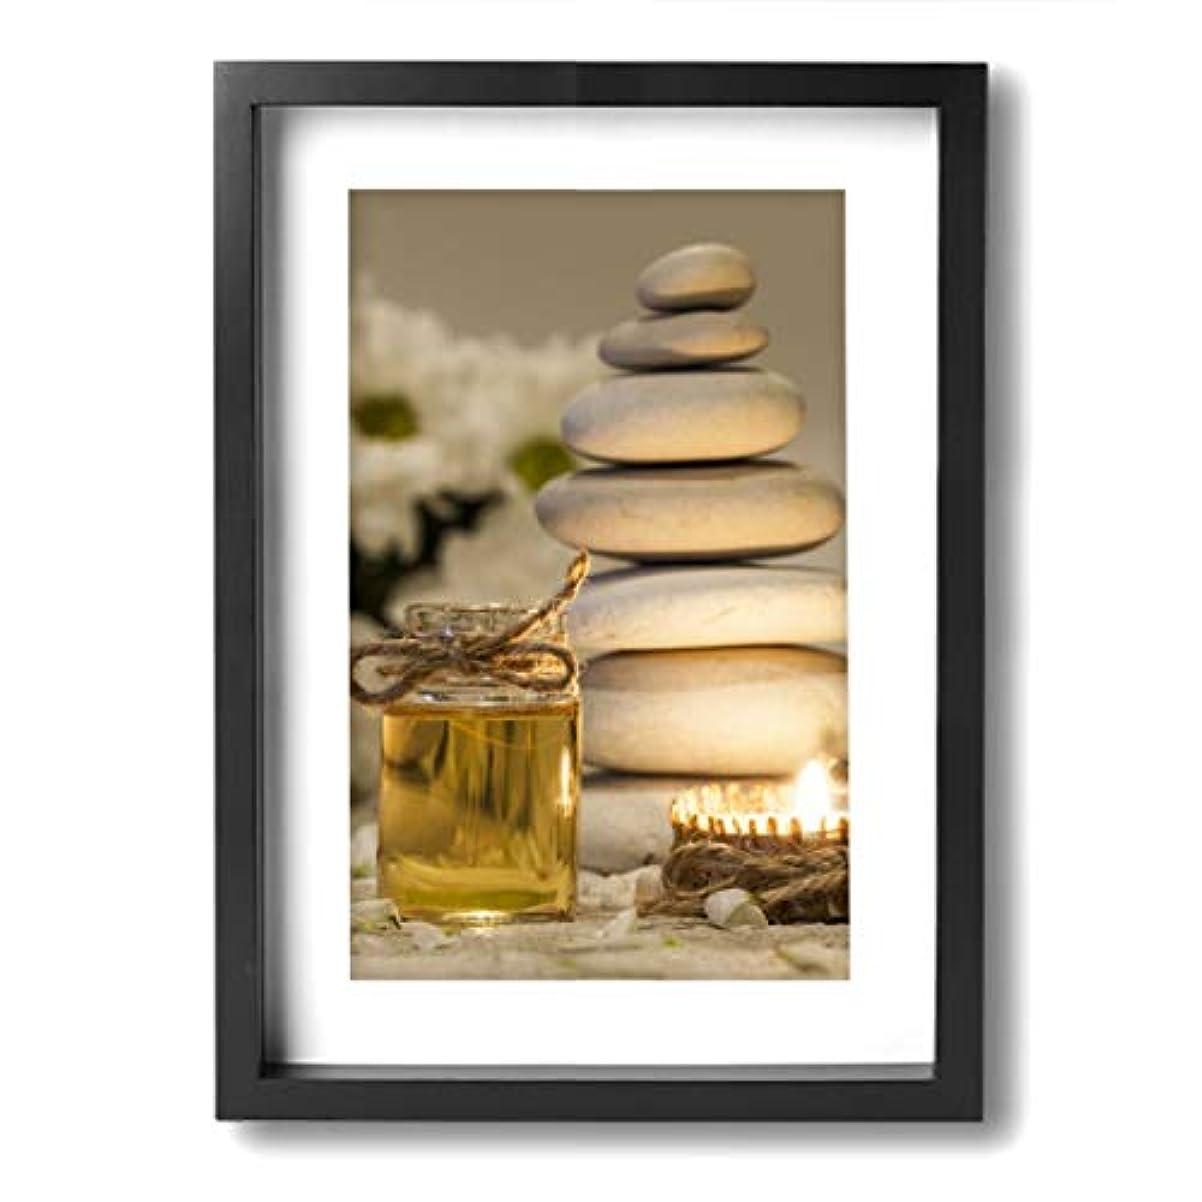 魅力的な芸術 20x30cm Chamomile Essential Oil Chamomile Flowers キャンバスの壁アート 画像プリント絵画リビングルームの壁の装飾と家の装飾のための現代アートワークハングする...